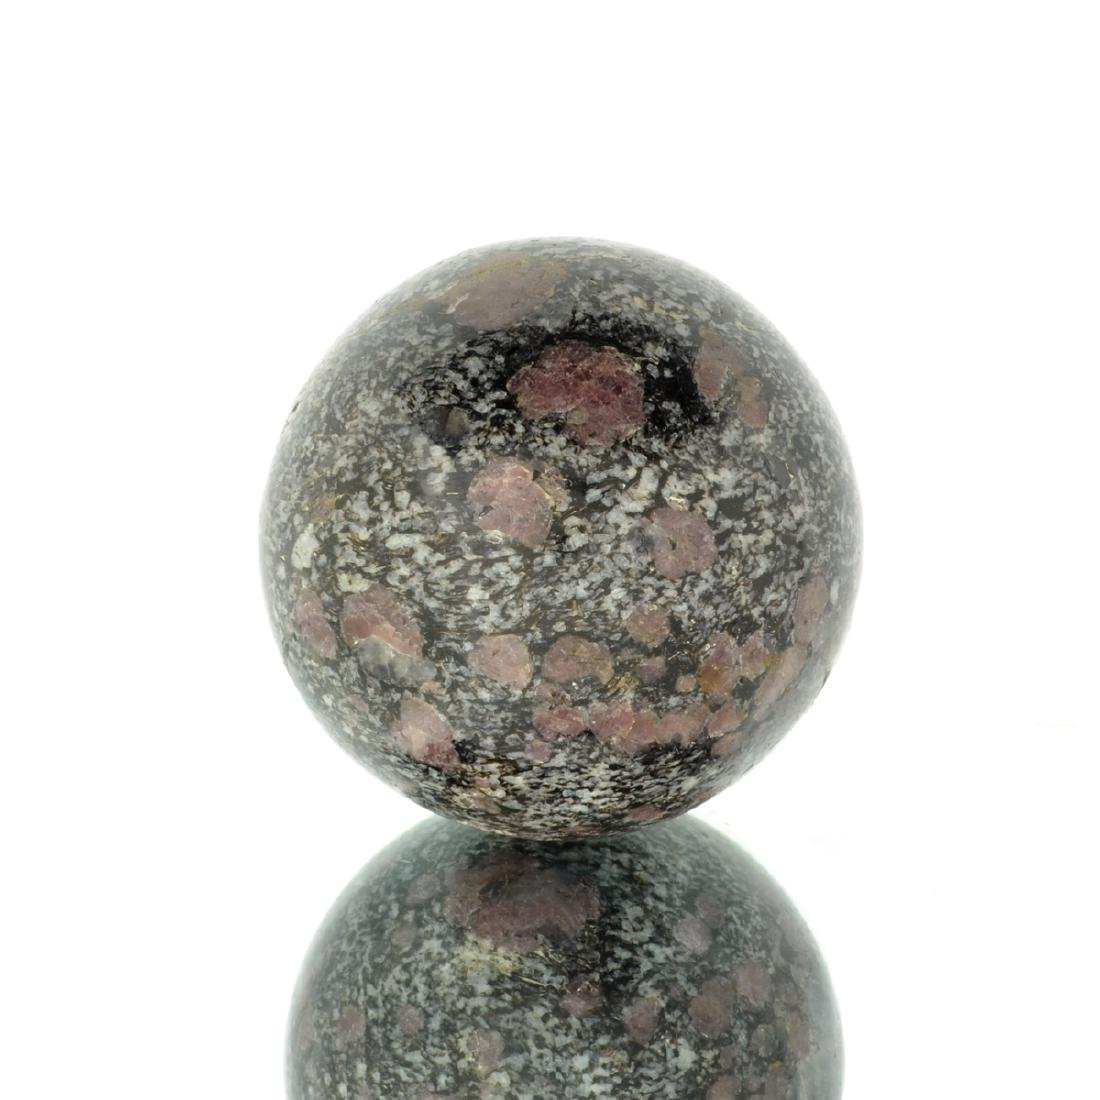 APP: 1.6k Rare 1,018.00CT Sphere Cut Brown Jasper